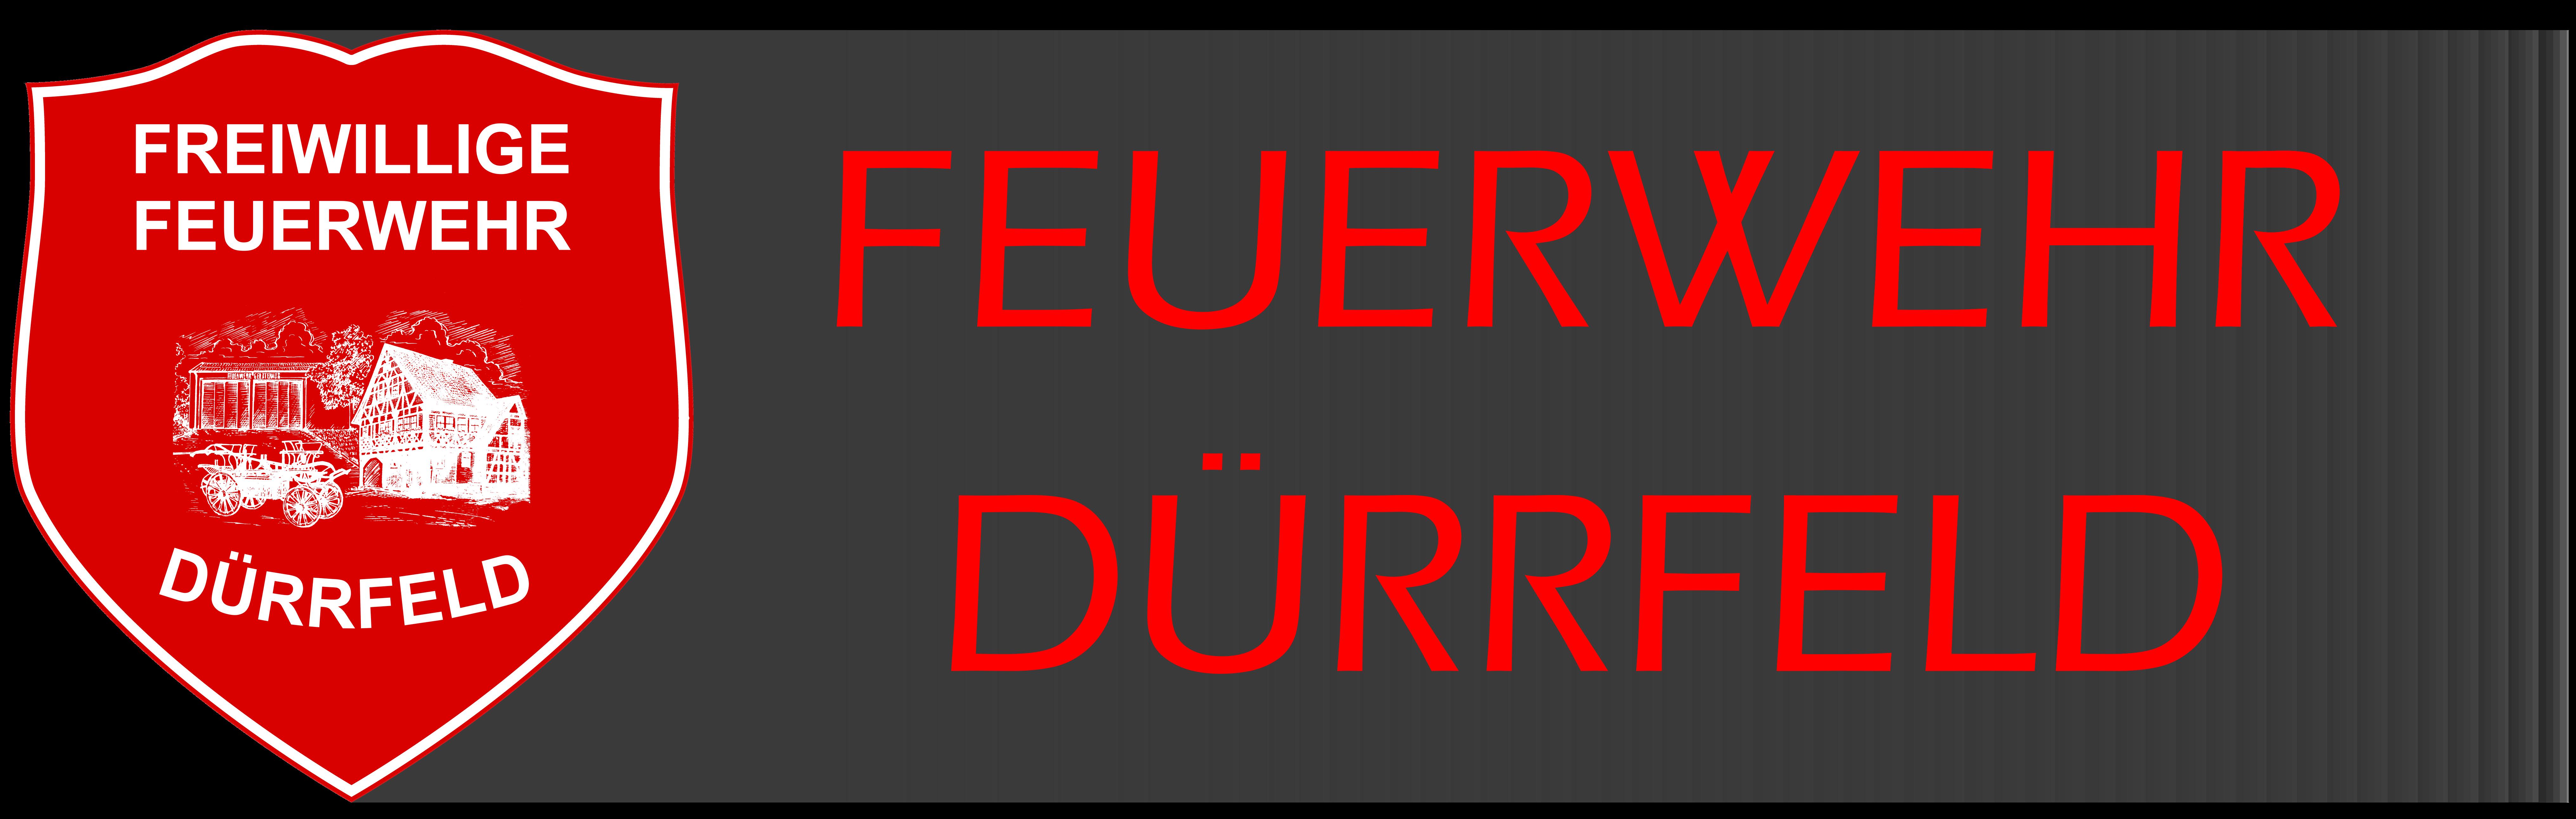 Feuerwehr Dürrfeld